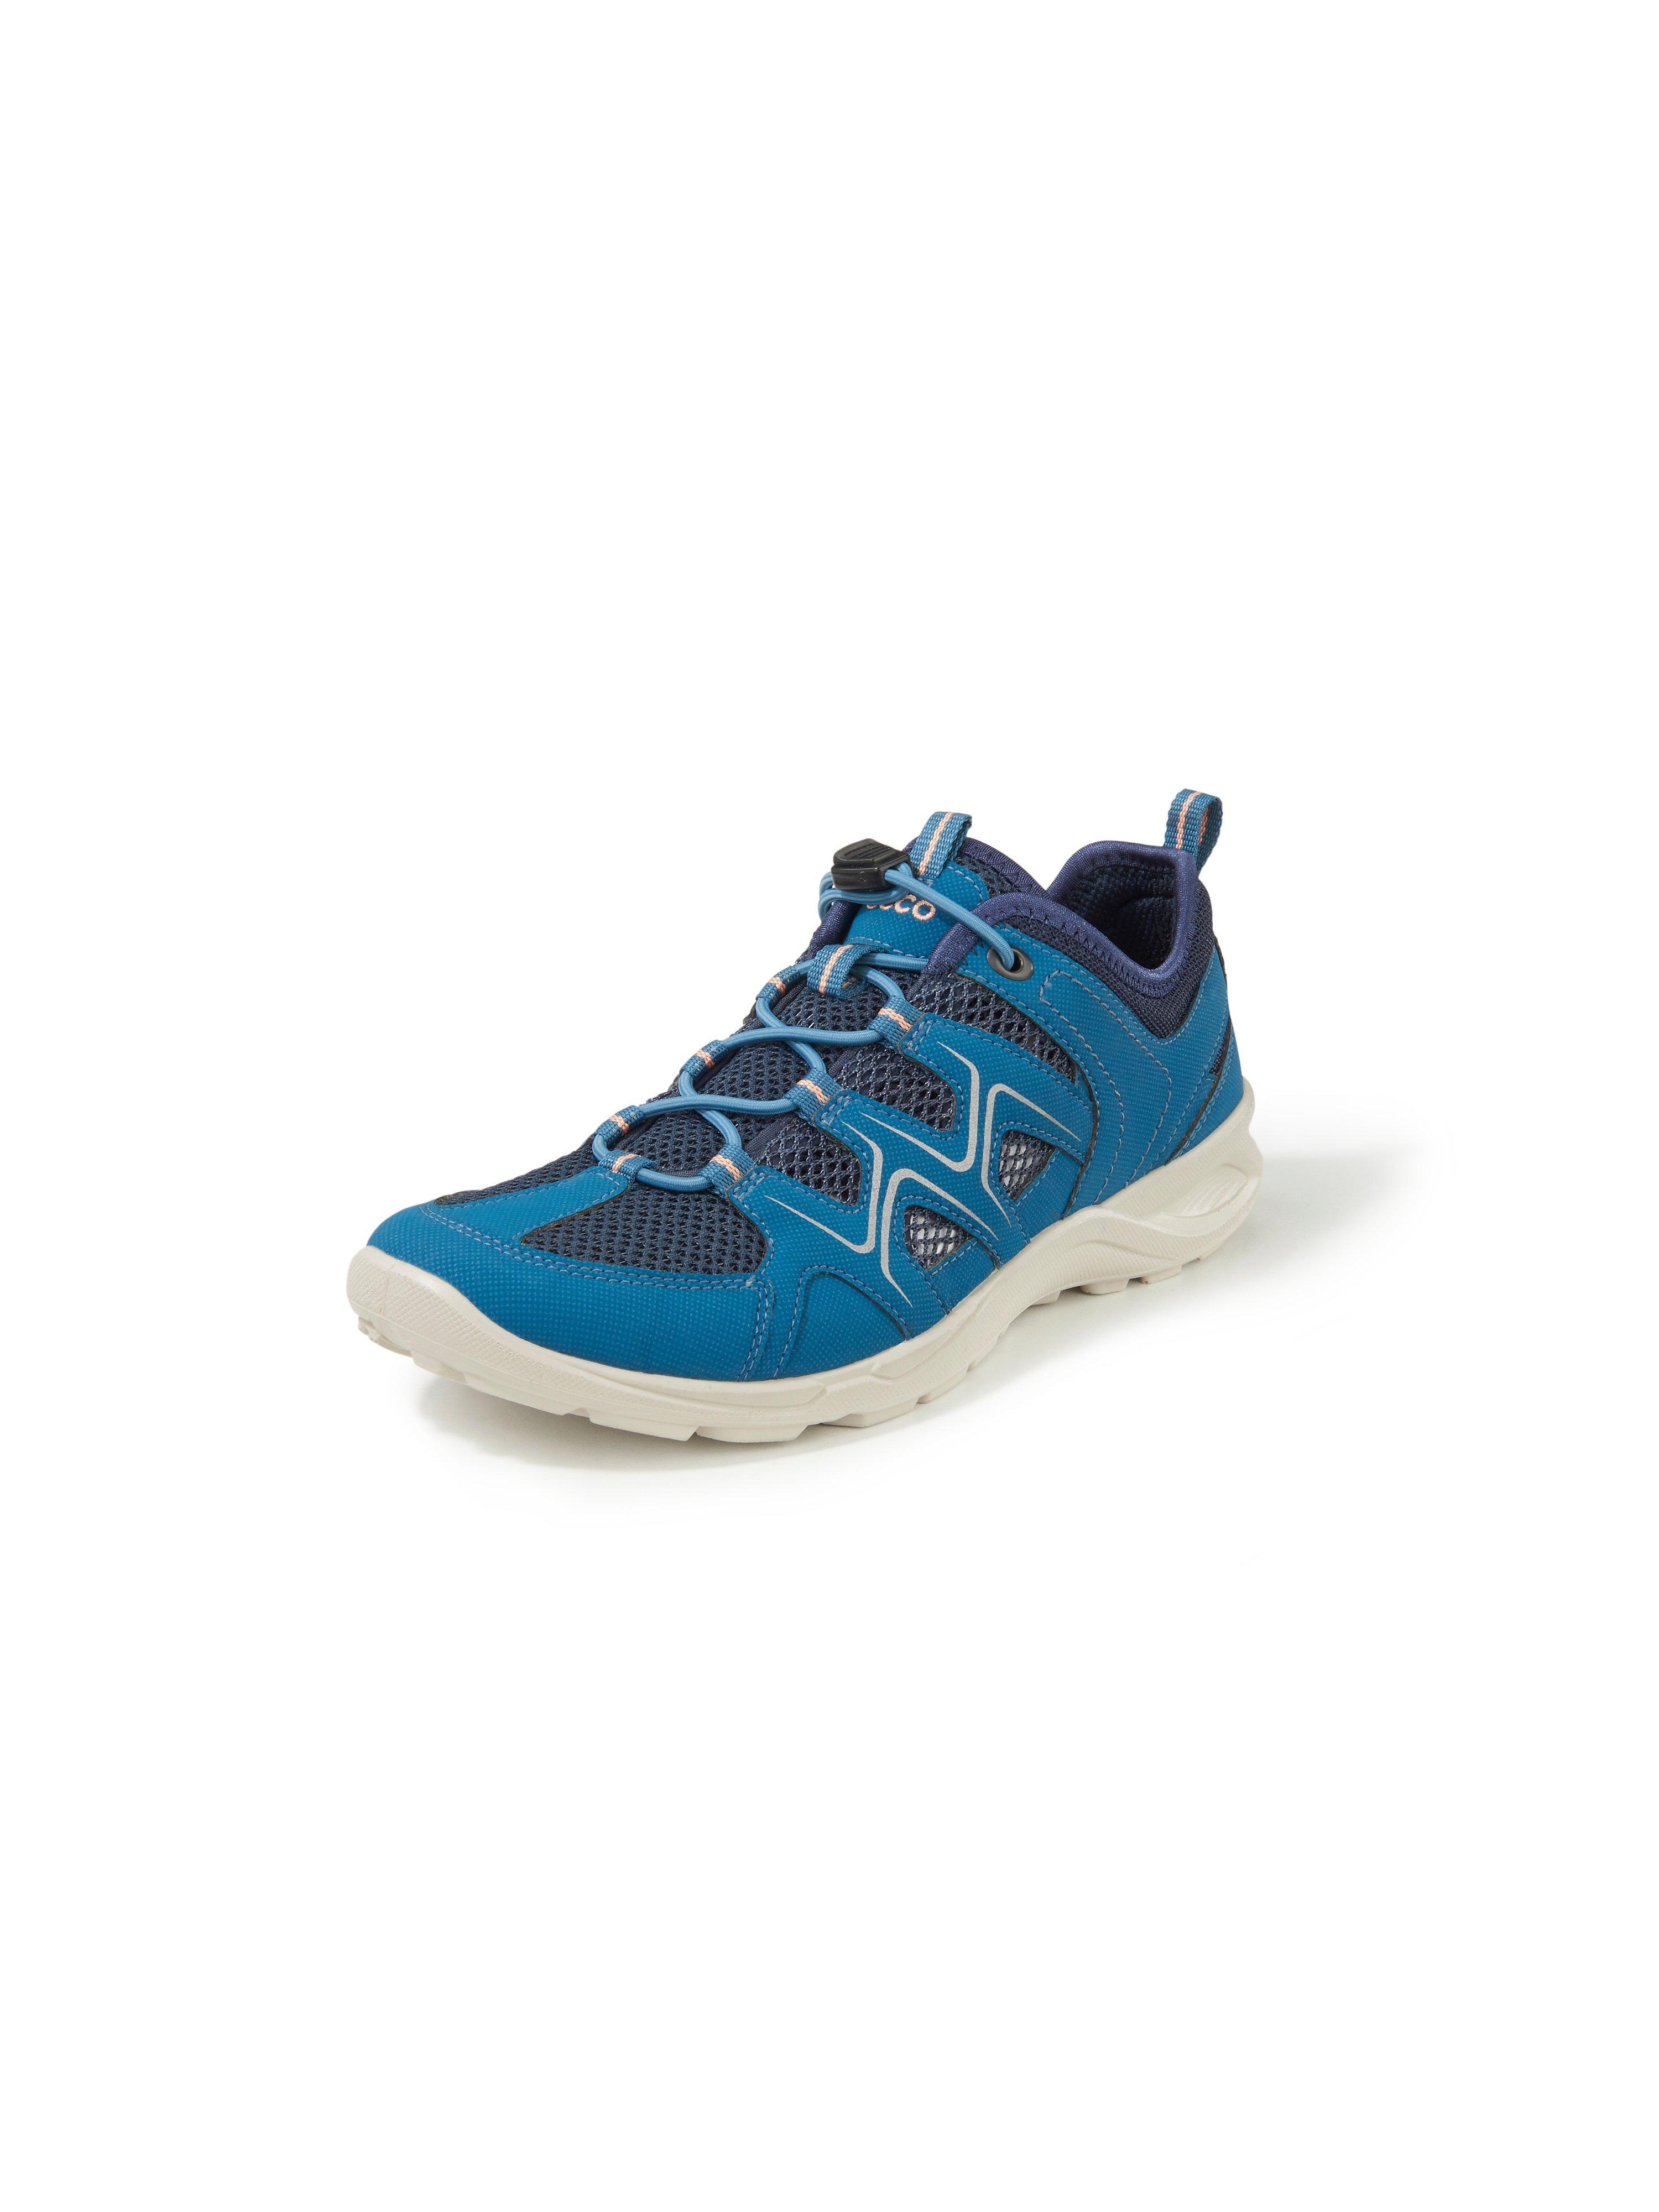 Sneakers model Terracruise LT Van Ecco blauw